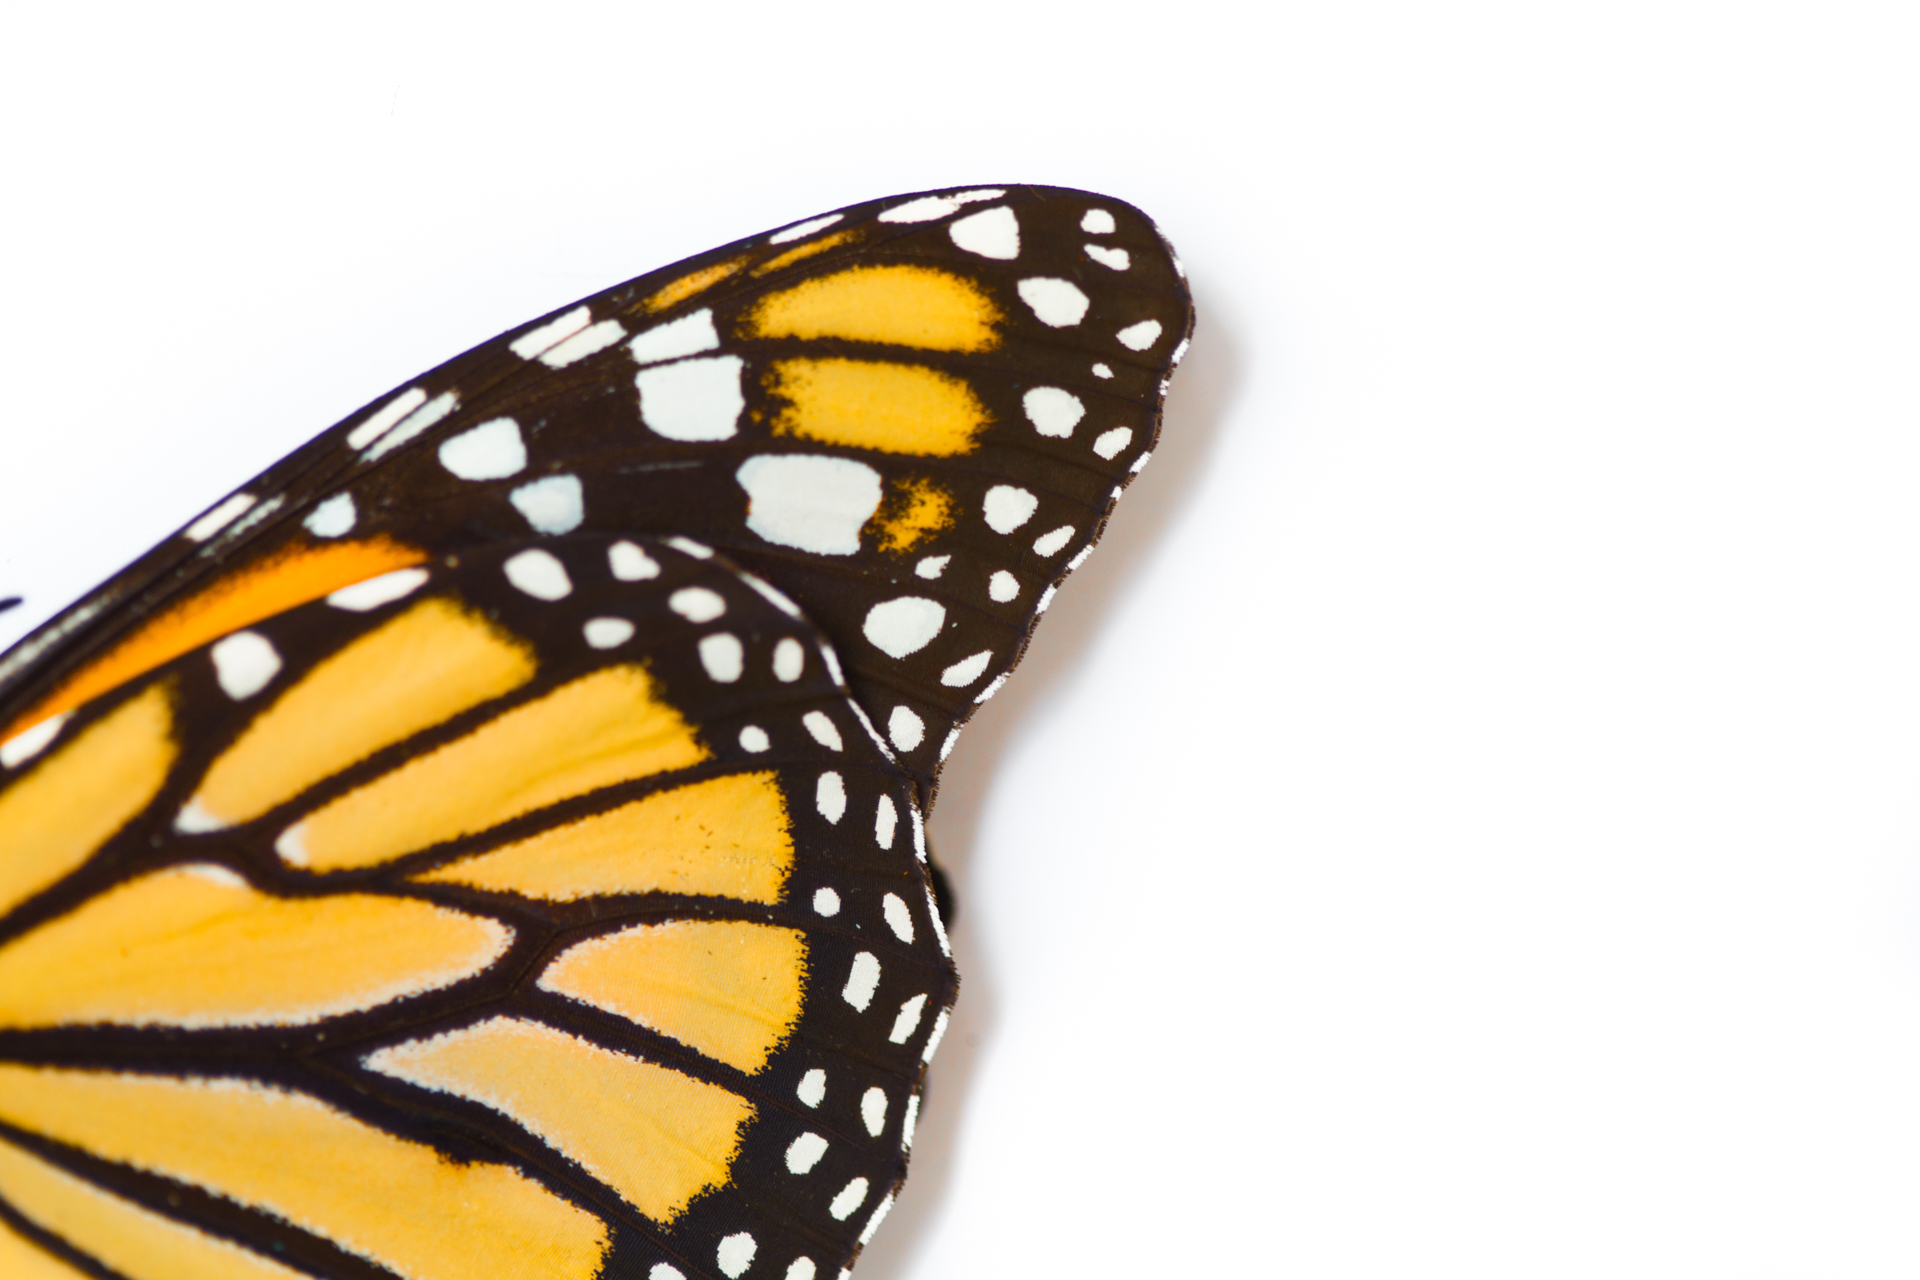 Butterfly_Monarch (2 of 1).jpg